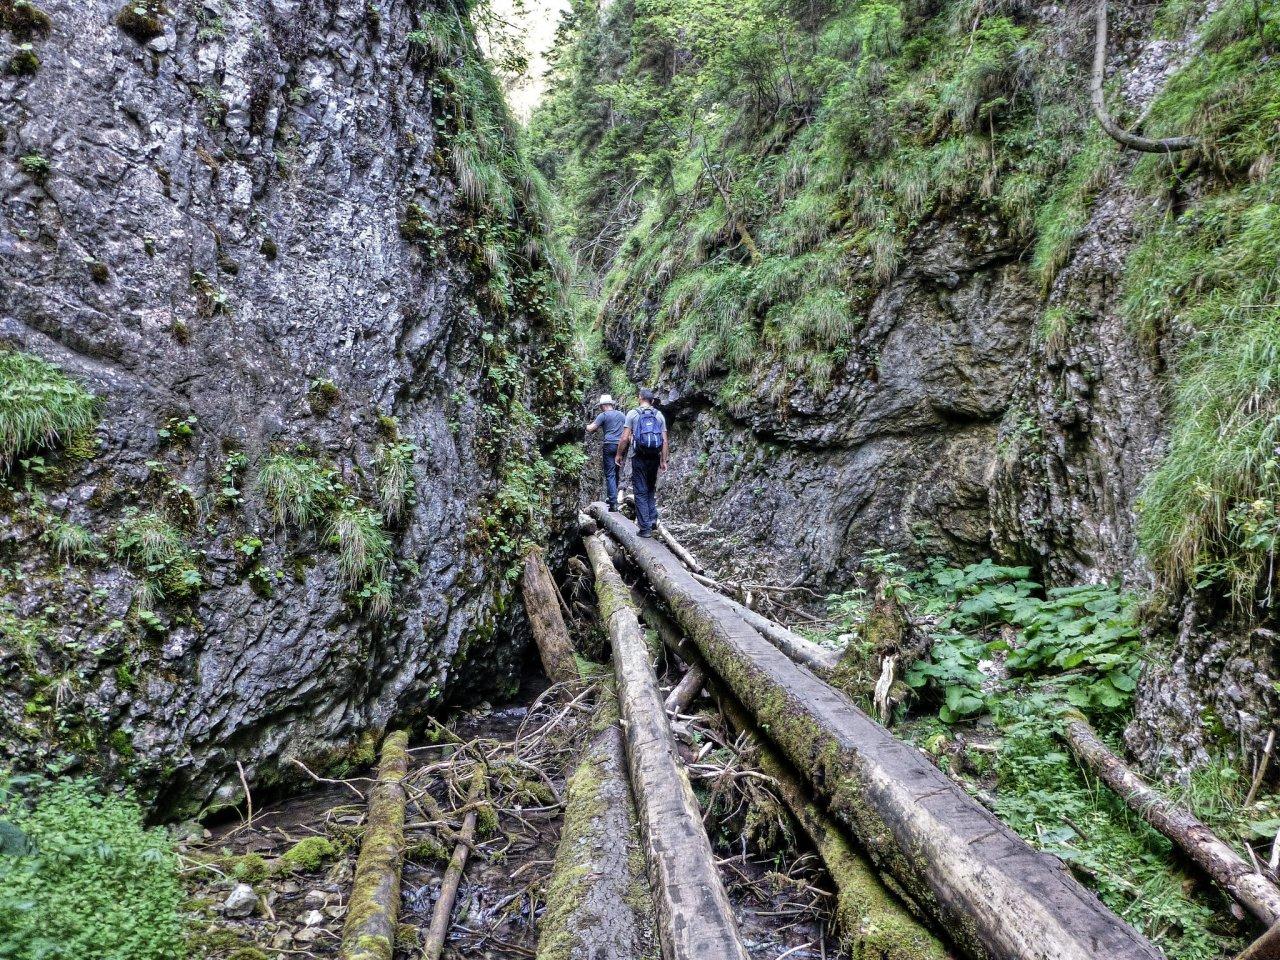 Veľký sokol gorge, Slovak Paradise National Park, Slovakia 3